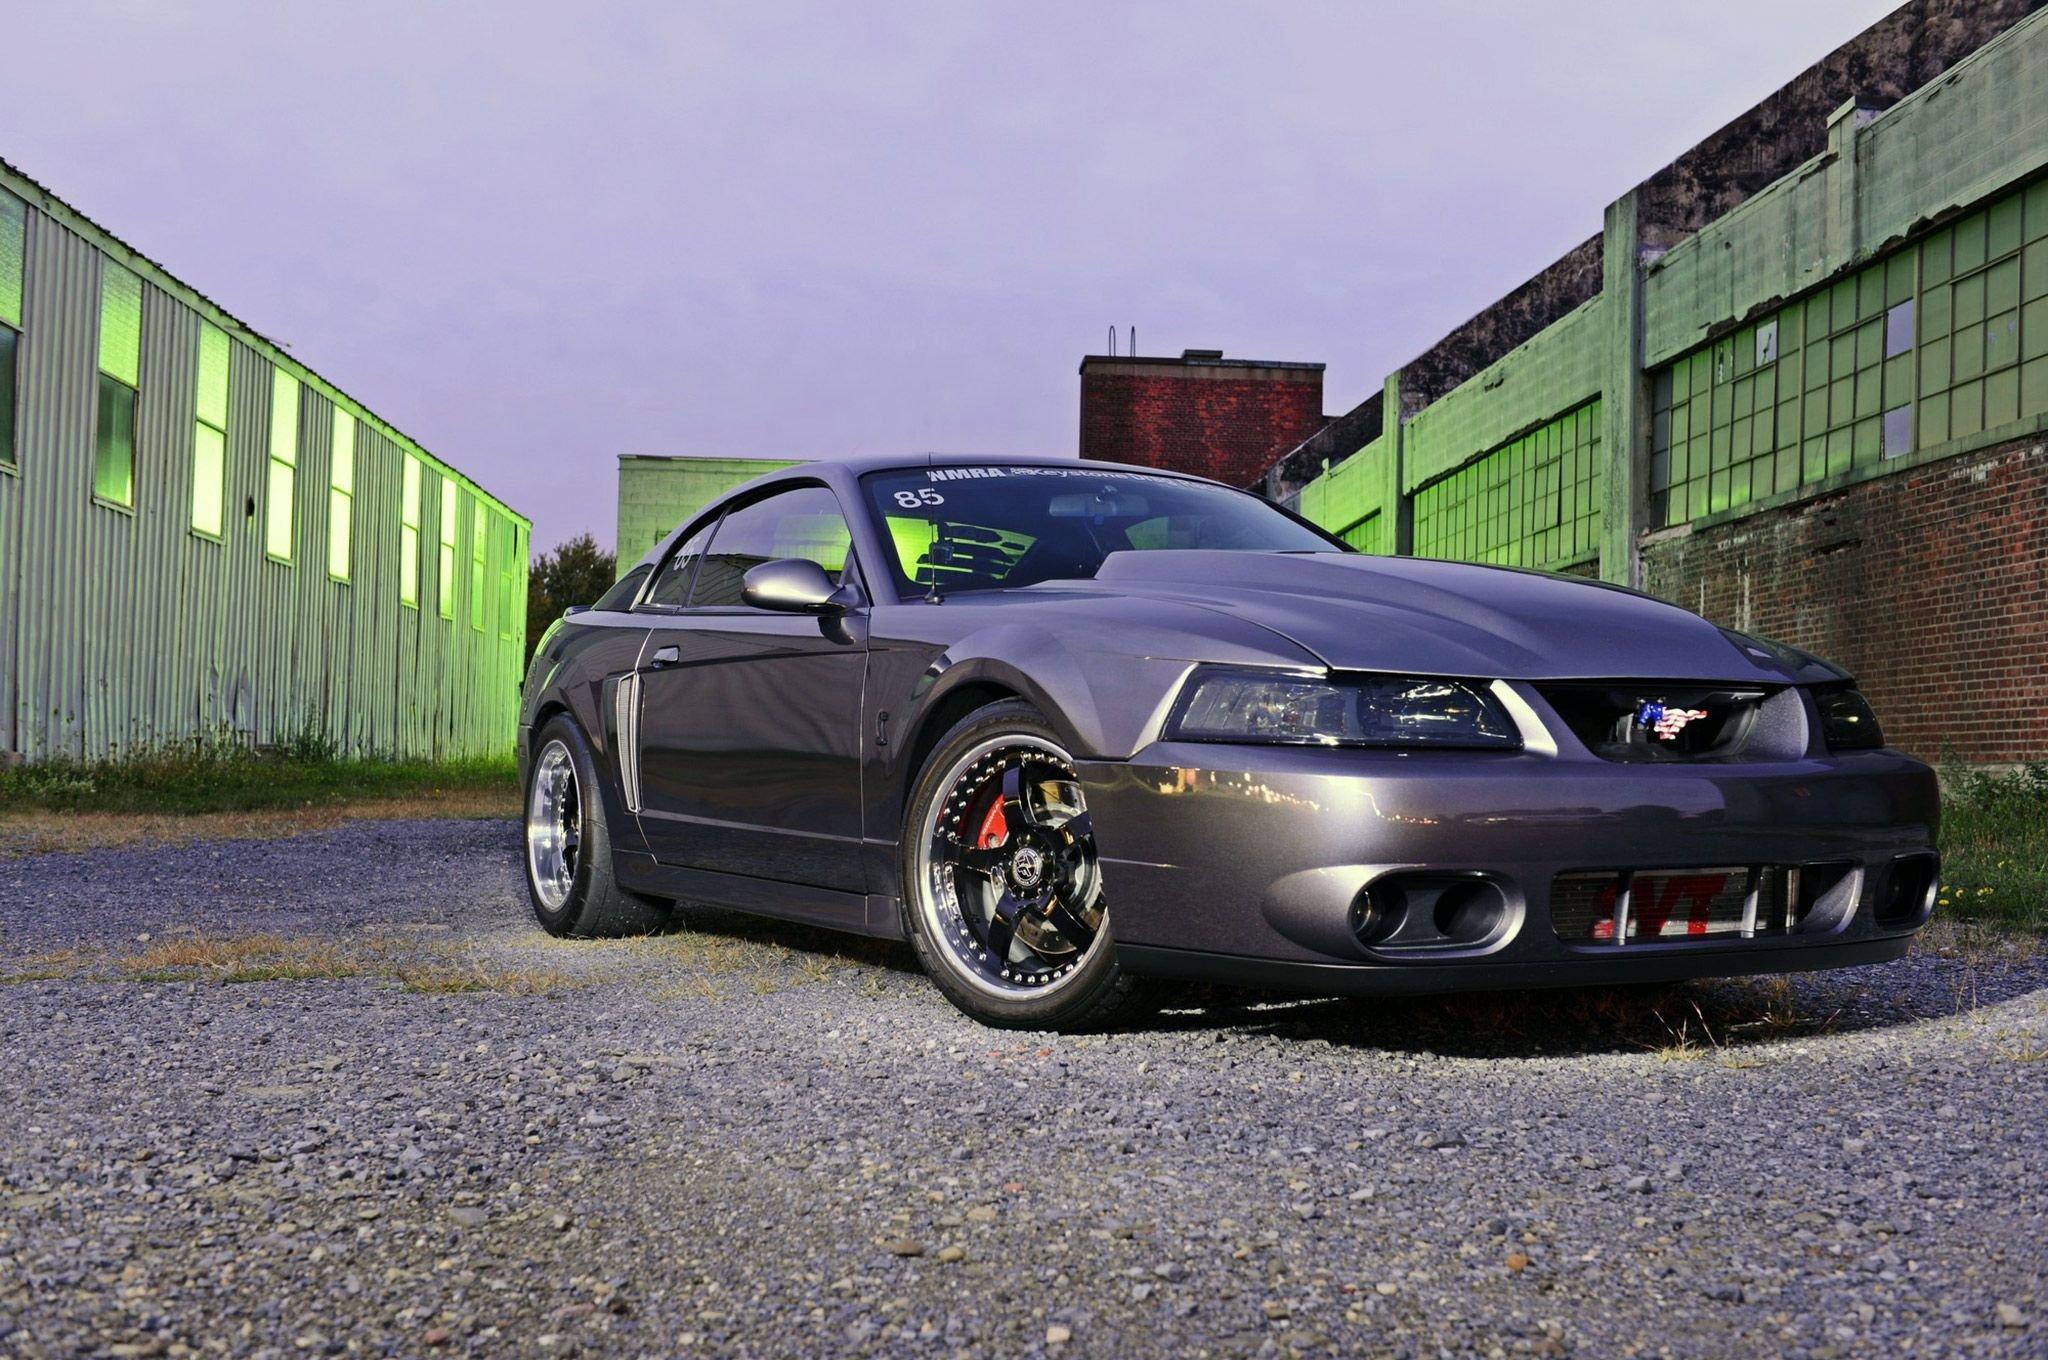 2003 Mustang Spoilers >> Custom Mustang Cobra   www.pixshark.com - Images Galleries With A Bite!